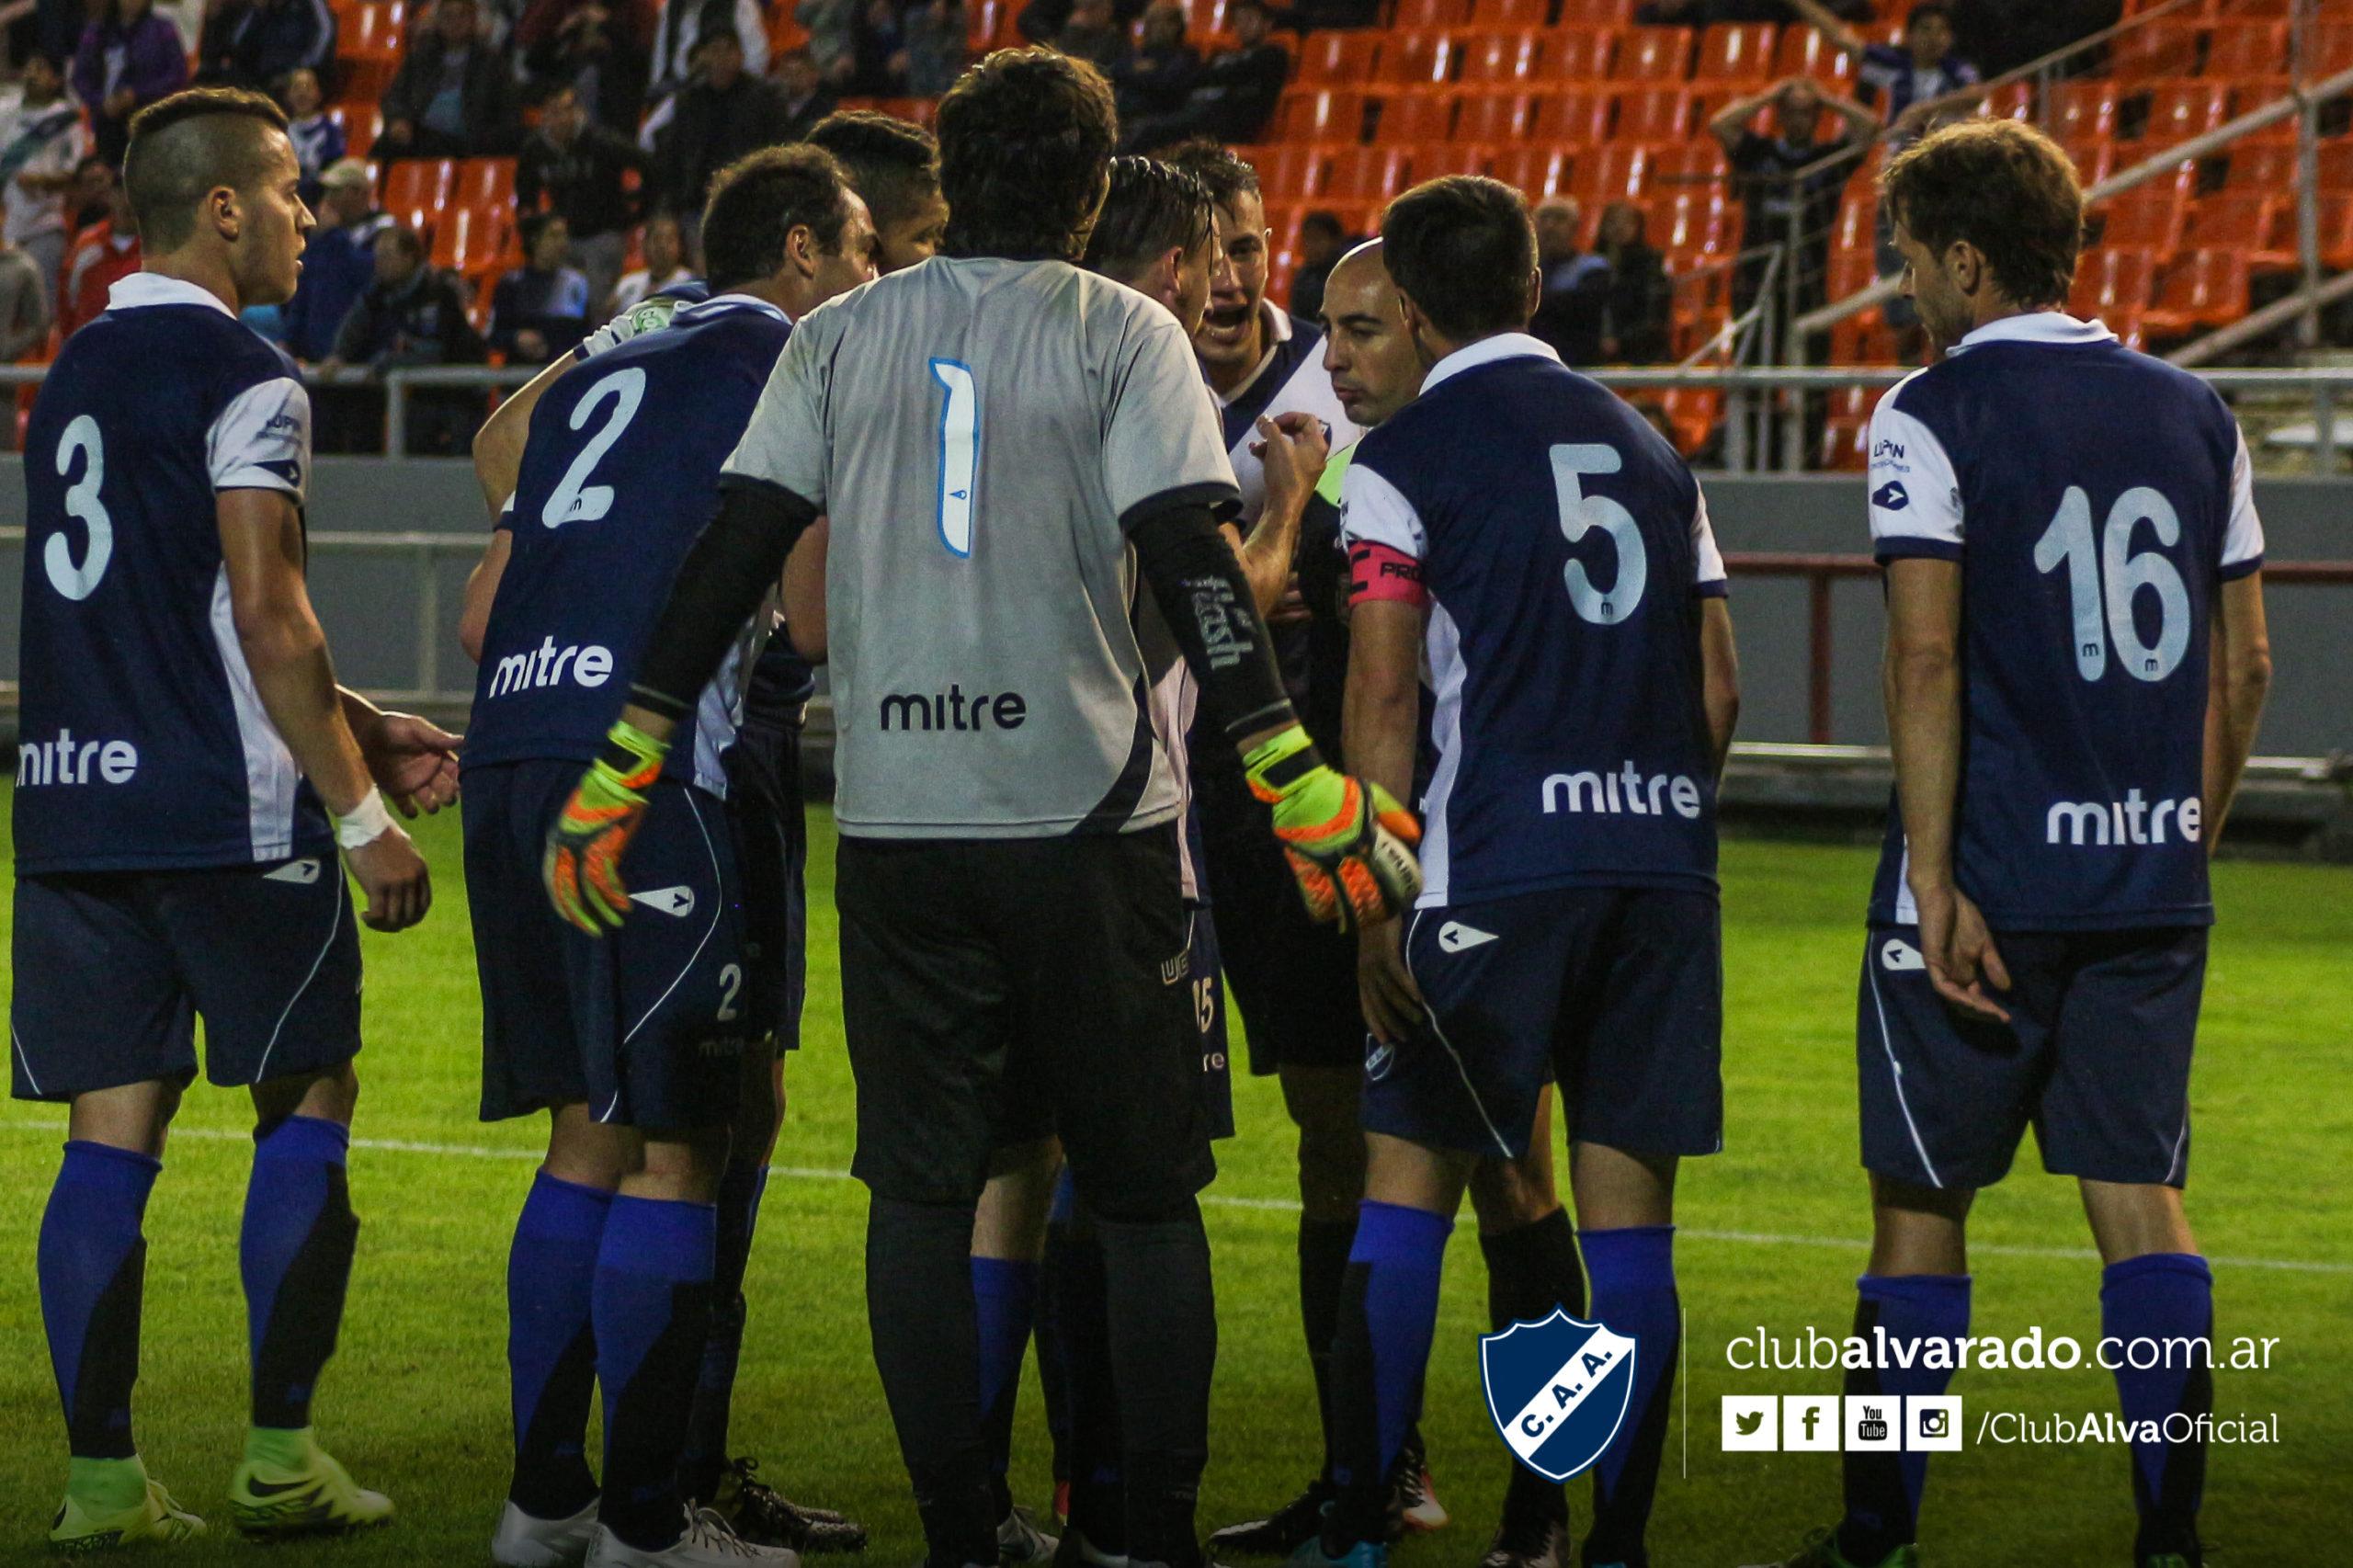 Los jugadores de Alvarado en pleno reclamo al árbitro. (Foto: Florencia Arroyos - Club Alvarado)